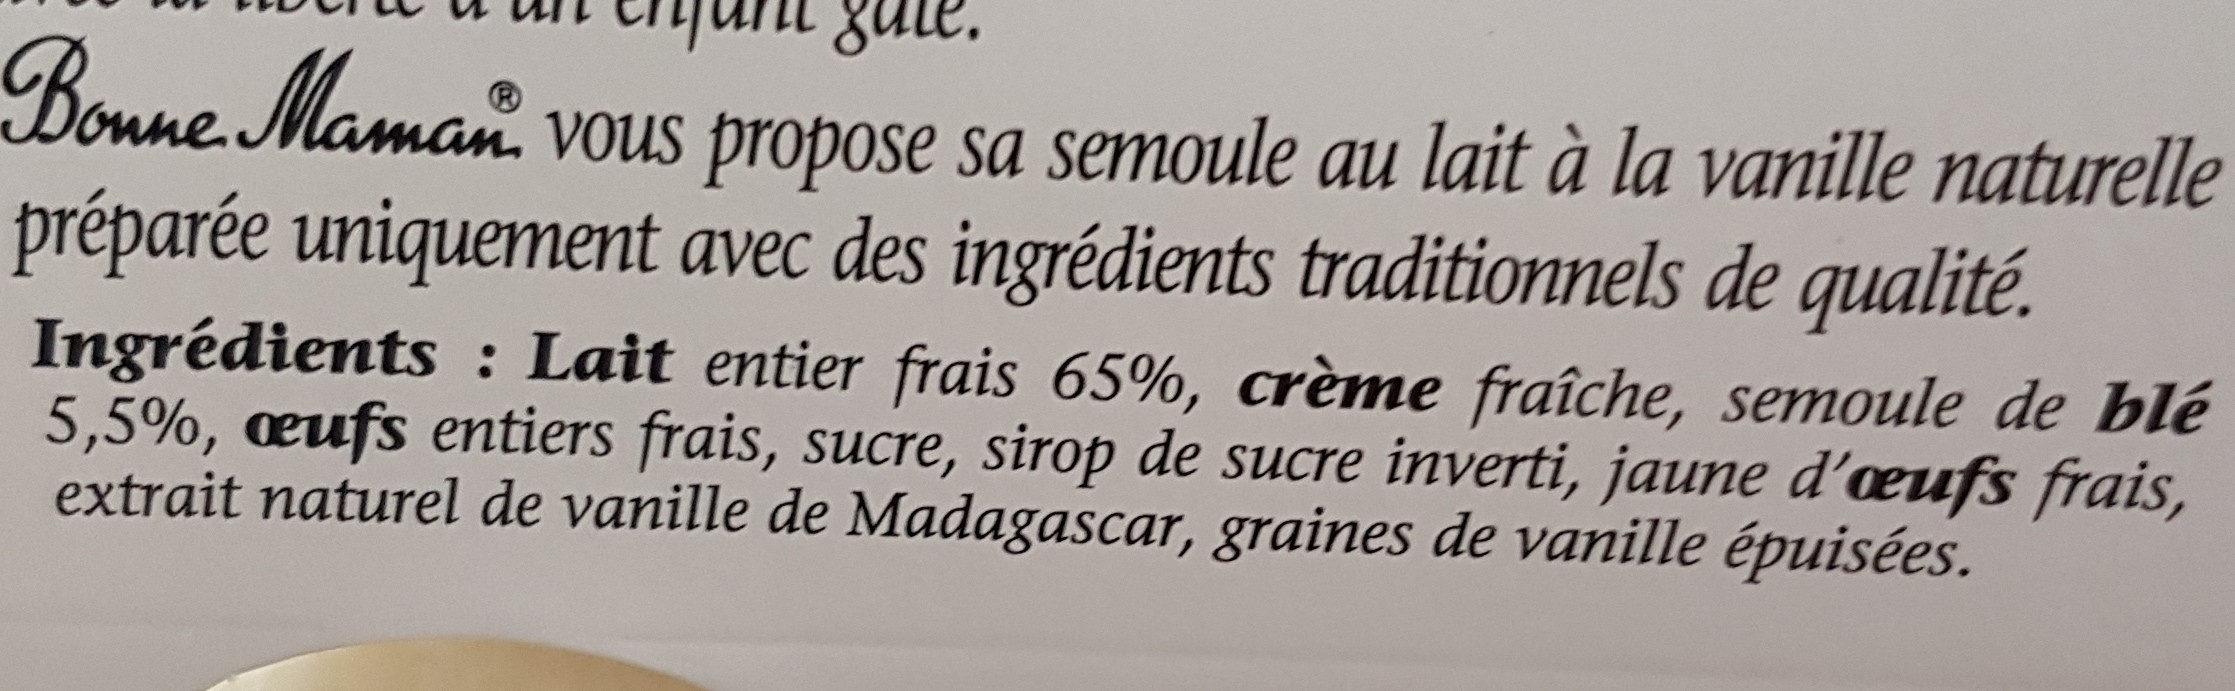 Semoule au Lait et à la Vanille Naturelle - Ingrédients - fr